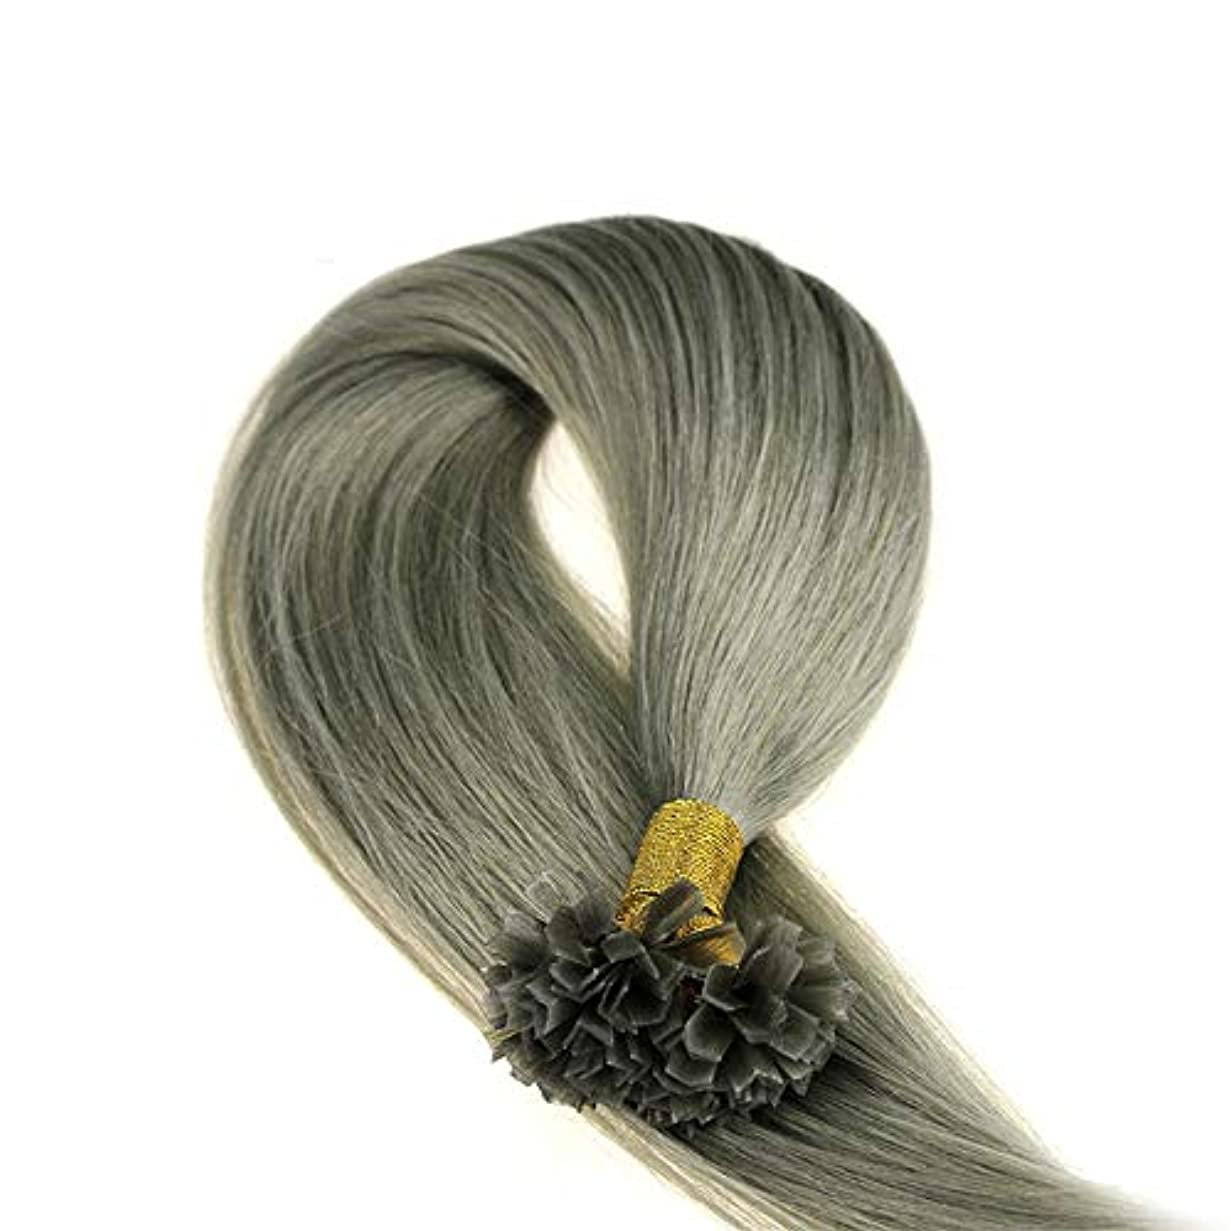 地味なカテナシーズンWASAIO ヘアエクステンションクリップUnseamed髪型交換ミックスグレー色のデュアル人間の髪を引かれます (色 : グレー, サイズ : 12 inch)